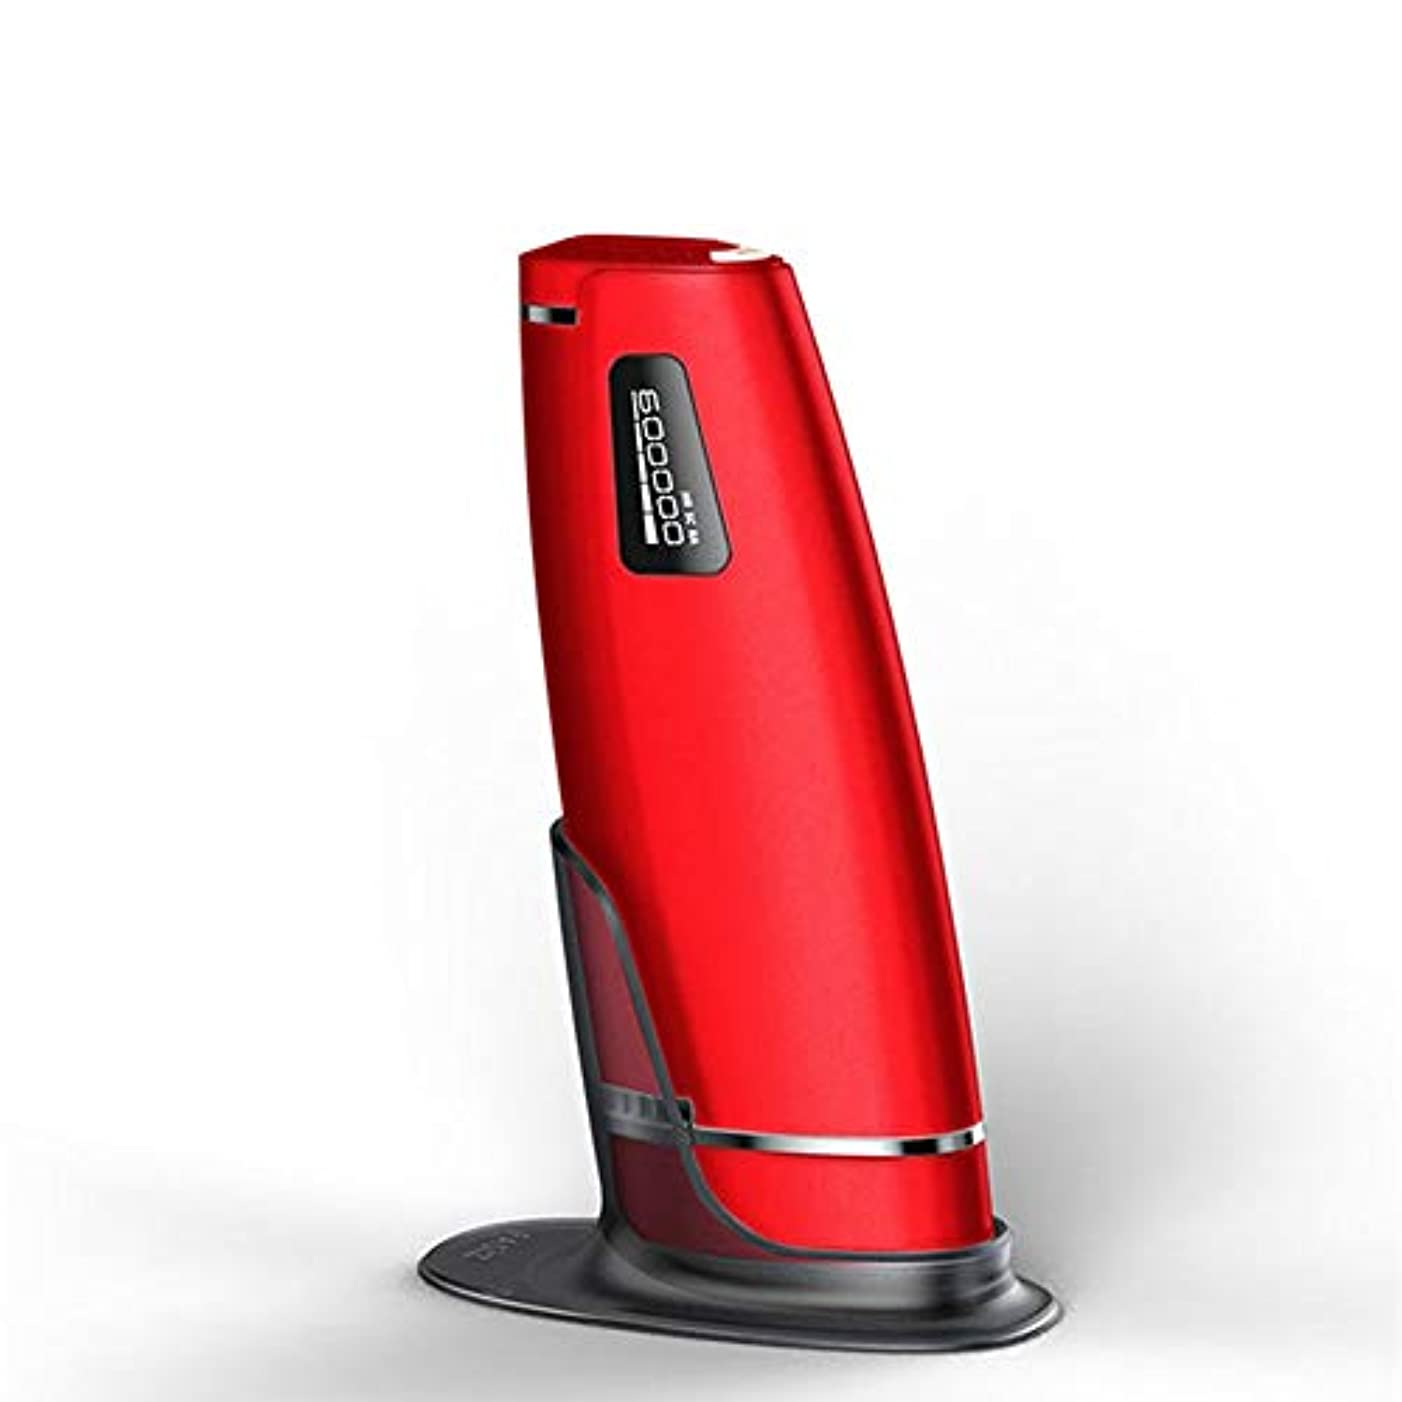 スプリット倒産加速するXihouxian 赤、デュアルモード、ホームオートマチック無痛脱毛剤、携帯用永久脱毛剤、5スピード調整、サイズ20.5 X 4.5 X 7 Cm D40 (Color : Red)